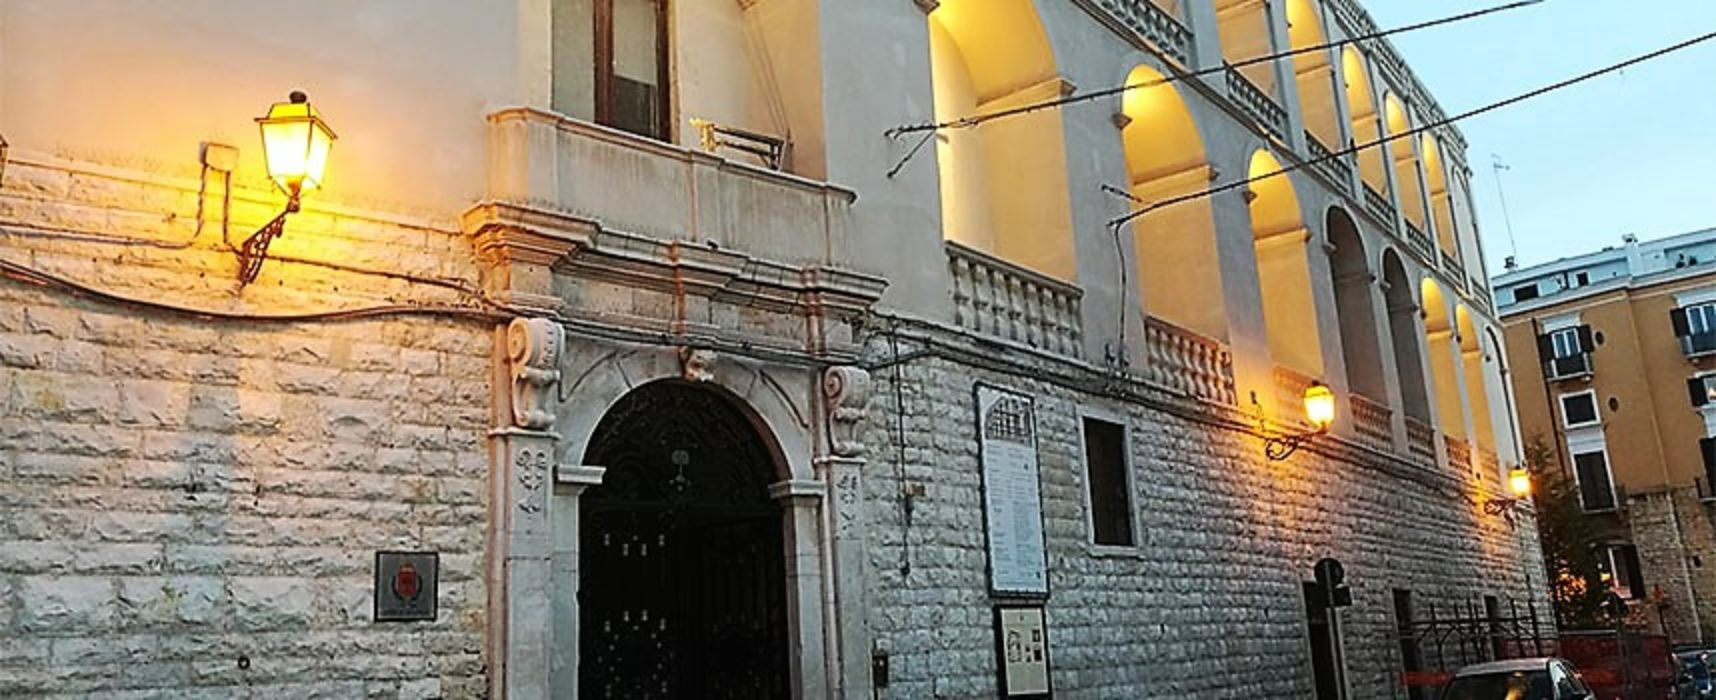 Consulte comunali, riaperti termini per invio candidature / MODULO IN ALLEGATO